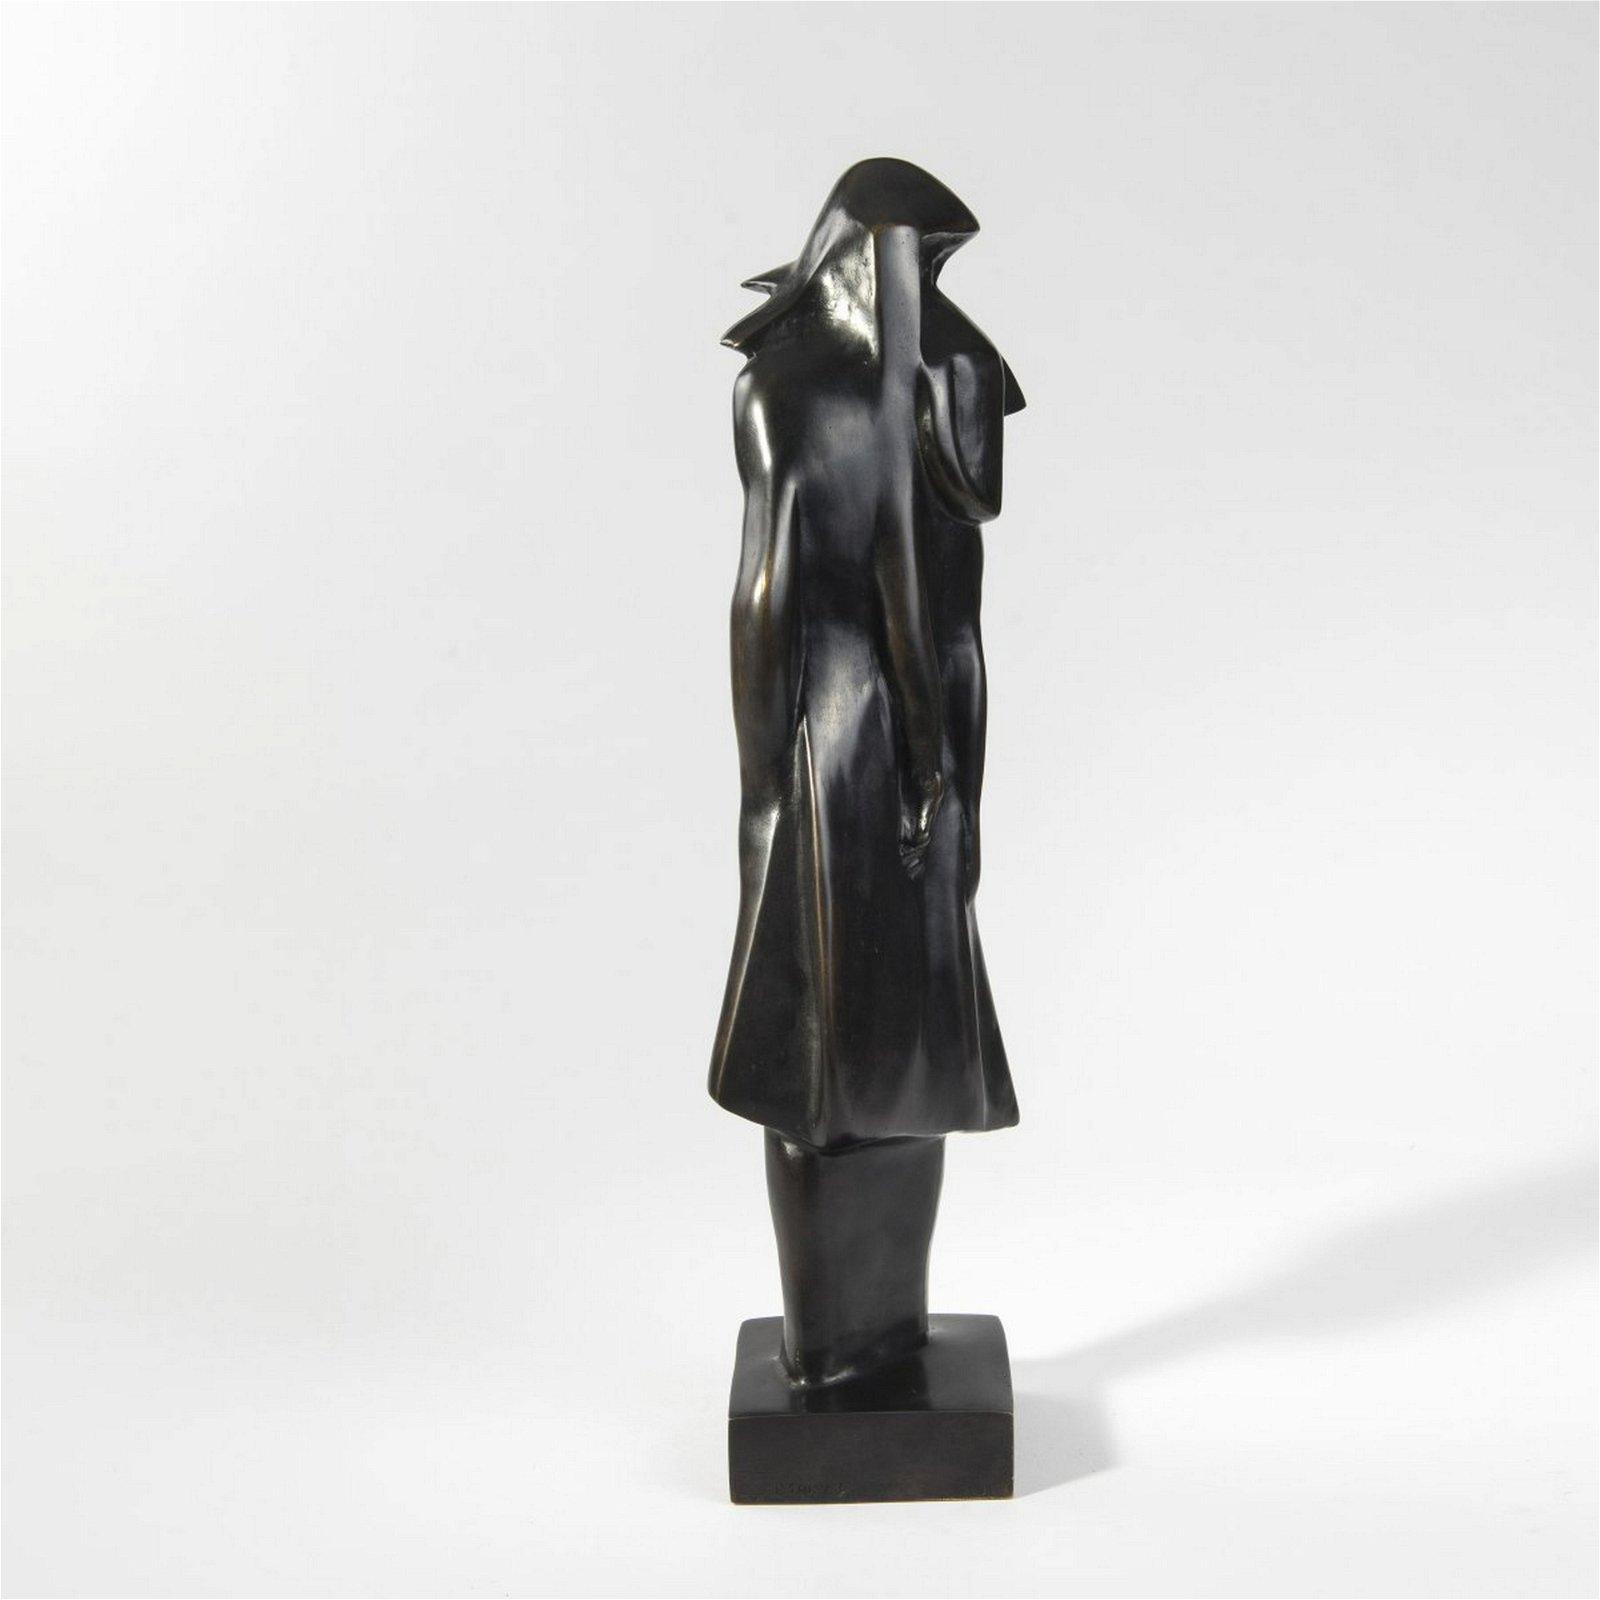 Joseph Czaky, 'Le Baiser',1958 (1983)